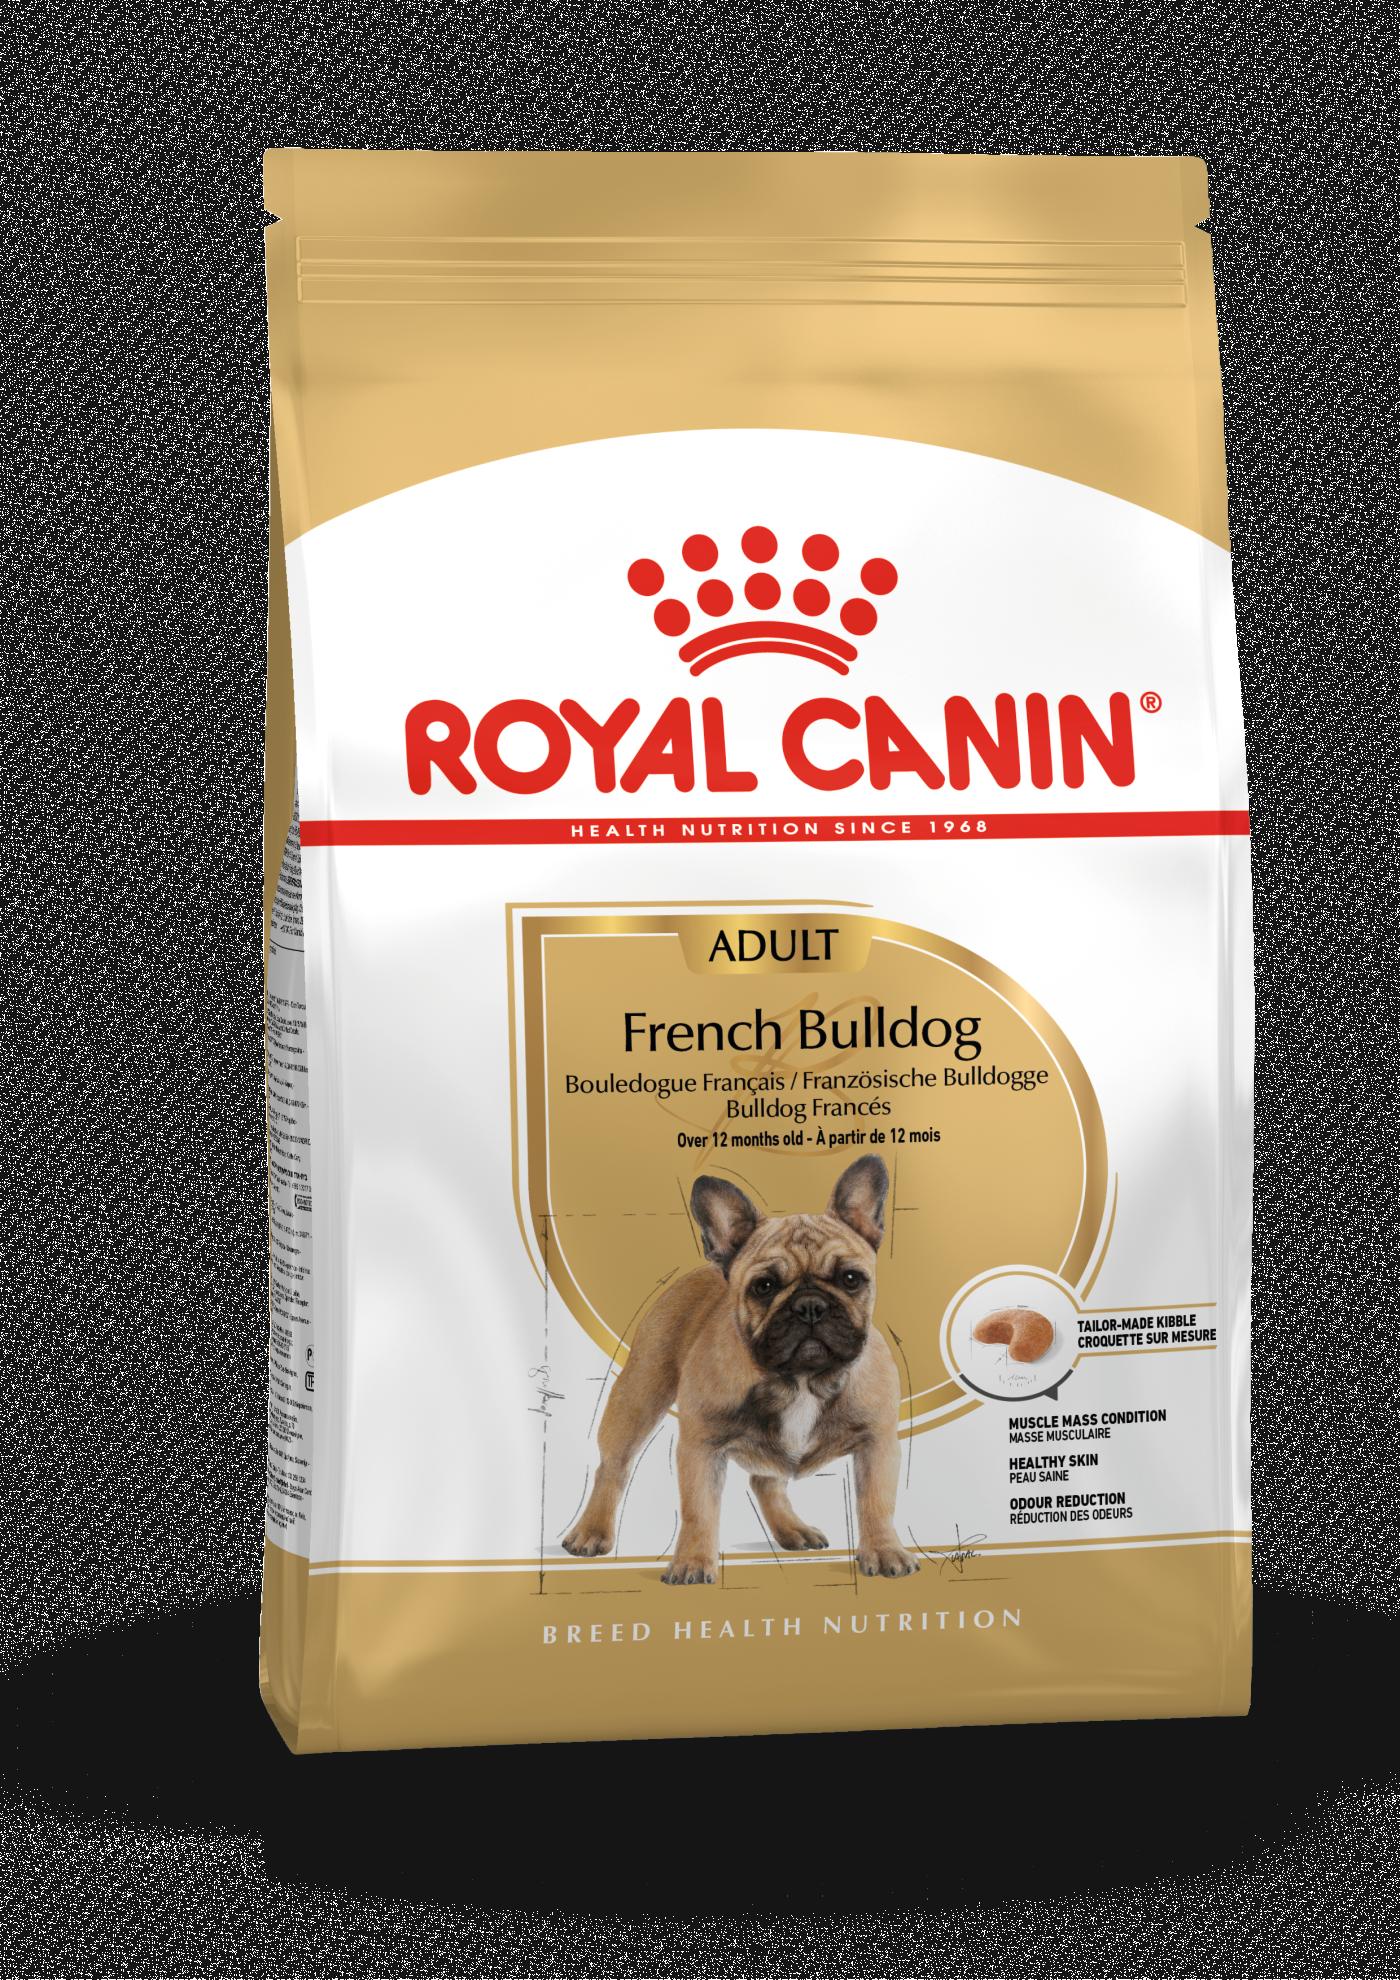 French Bulldog Adult, 1,5kg